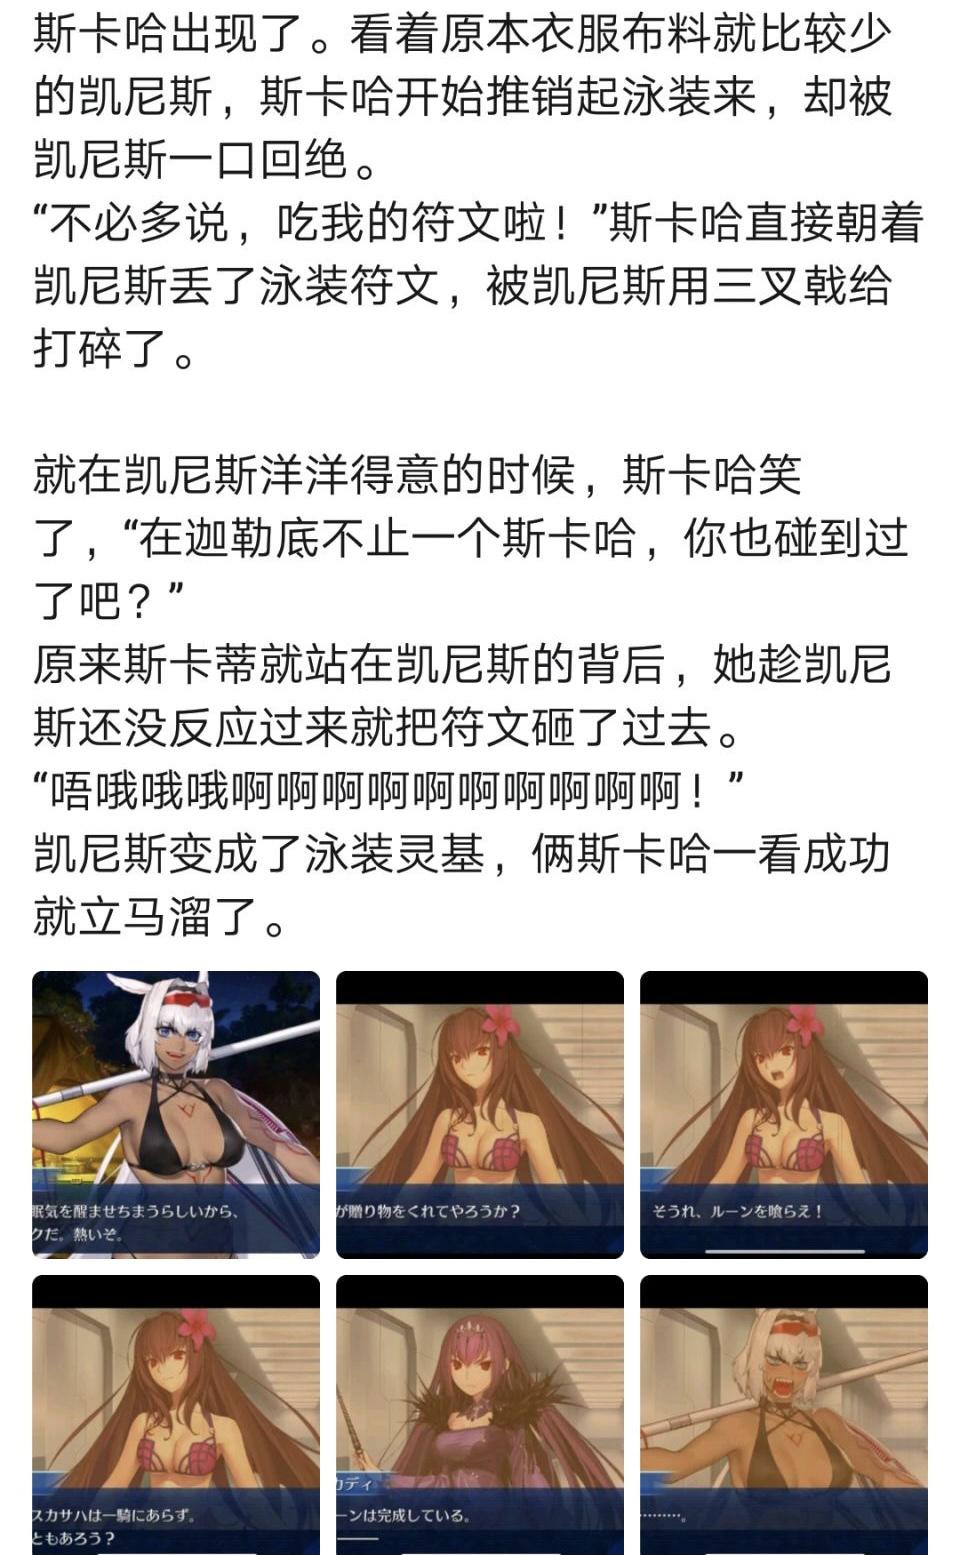 https://upload.hkgolden.media/comment/a0pfzs0k.mmaslhjrc34.heii5o3ehhi.as2.jpg